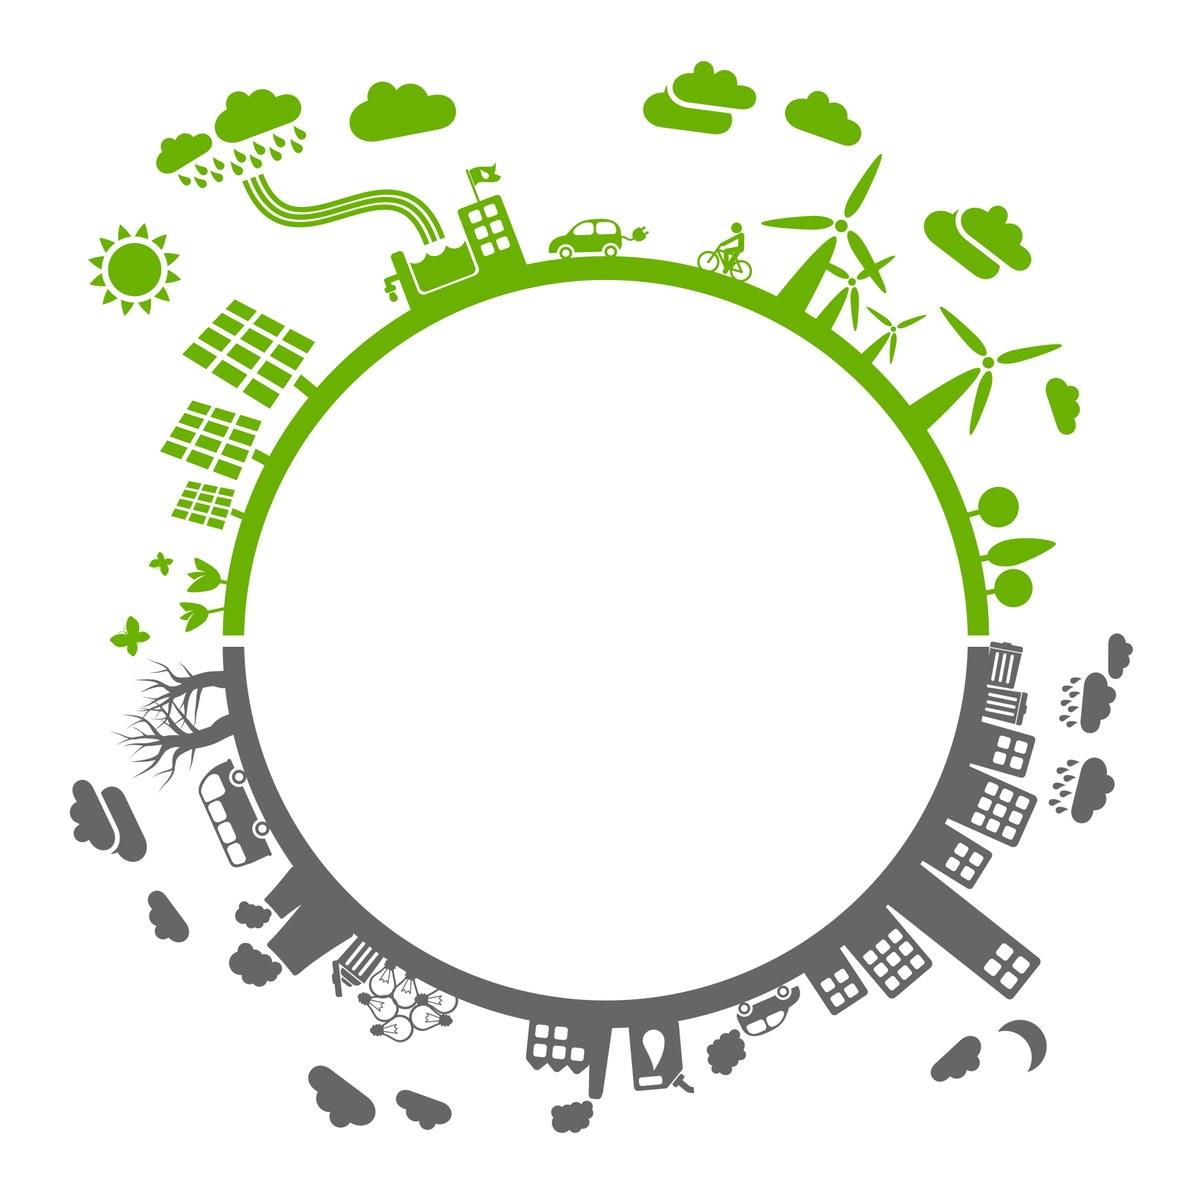 Conosci i benefici di un Sistema di Gestione Ambientale?